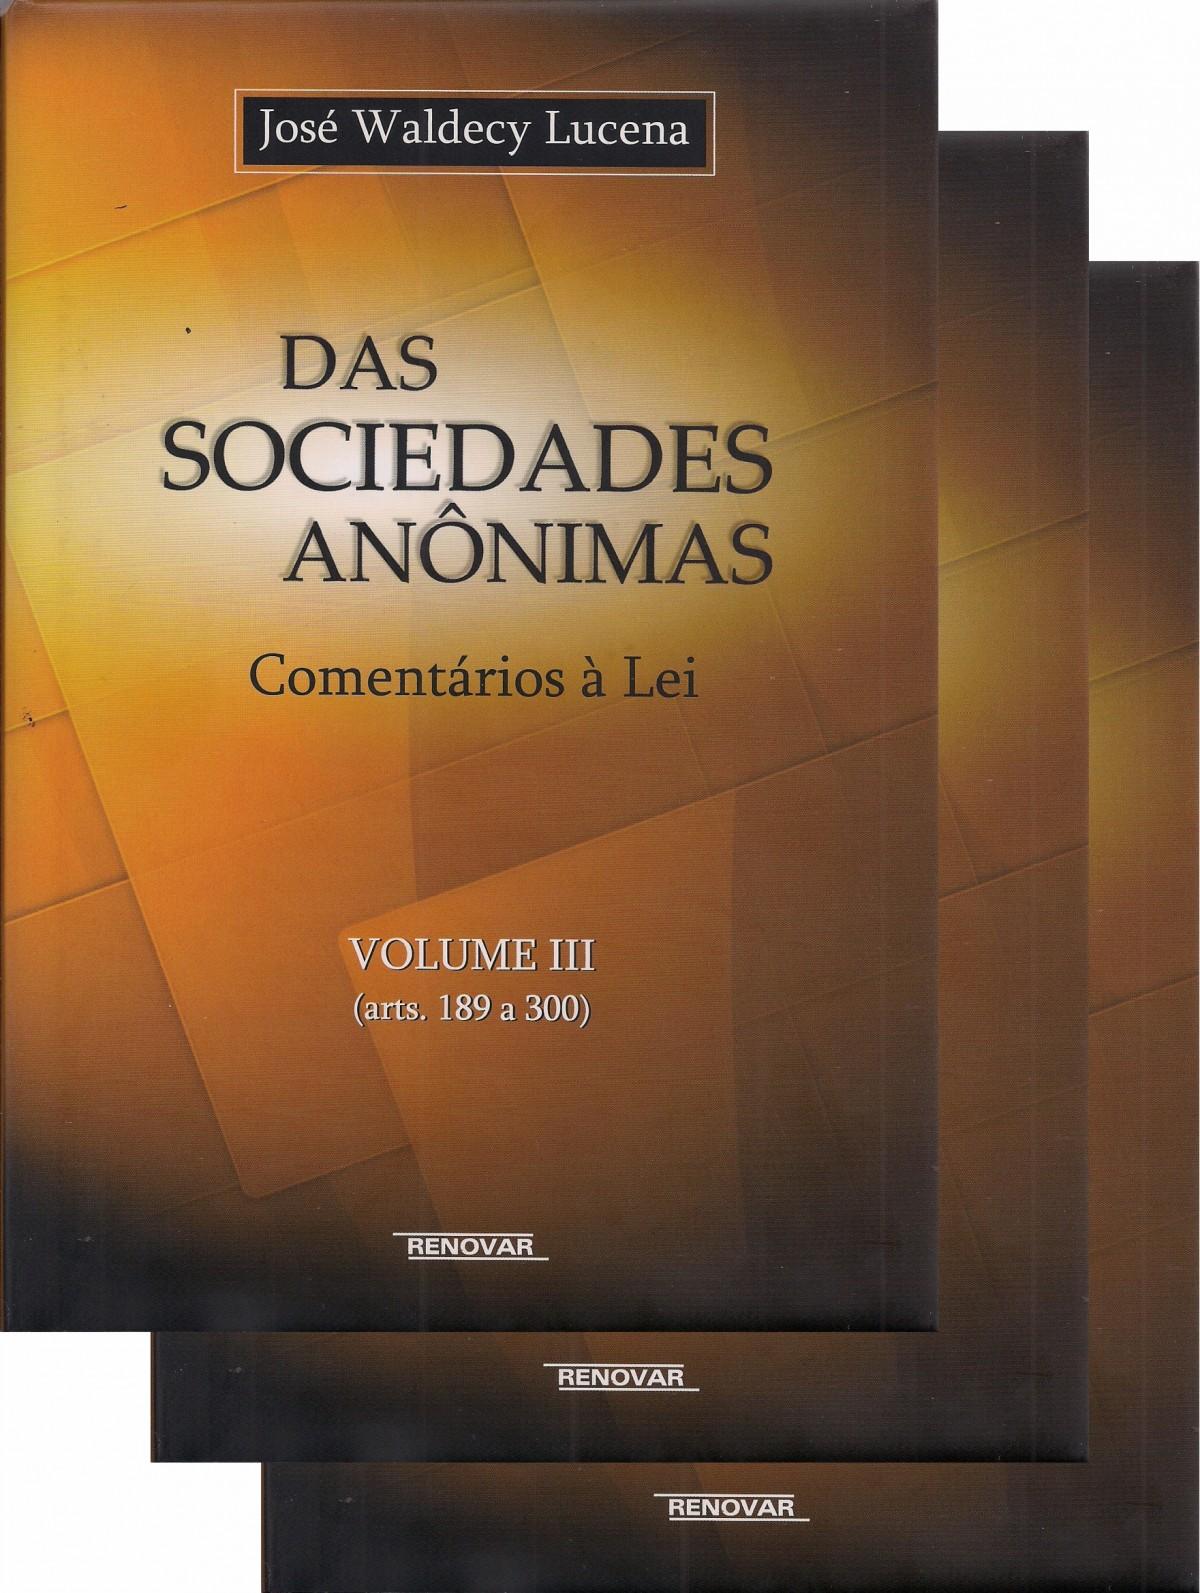 Foto 1 - Coleção das Sociedades Anônimas - 3 Volumes